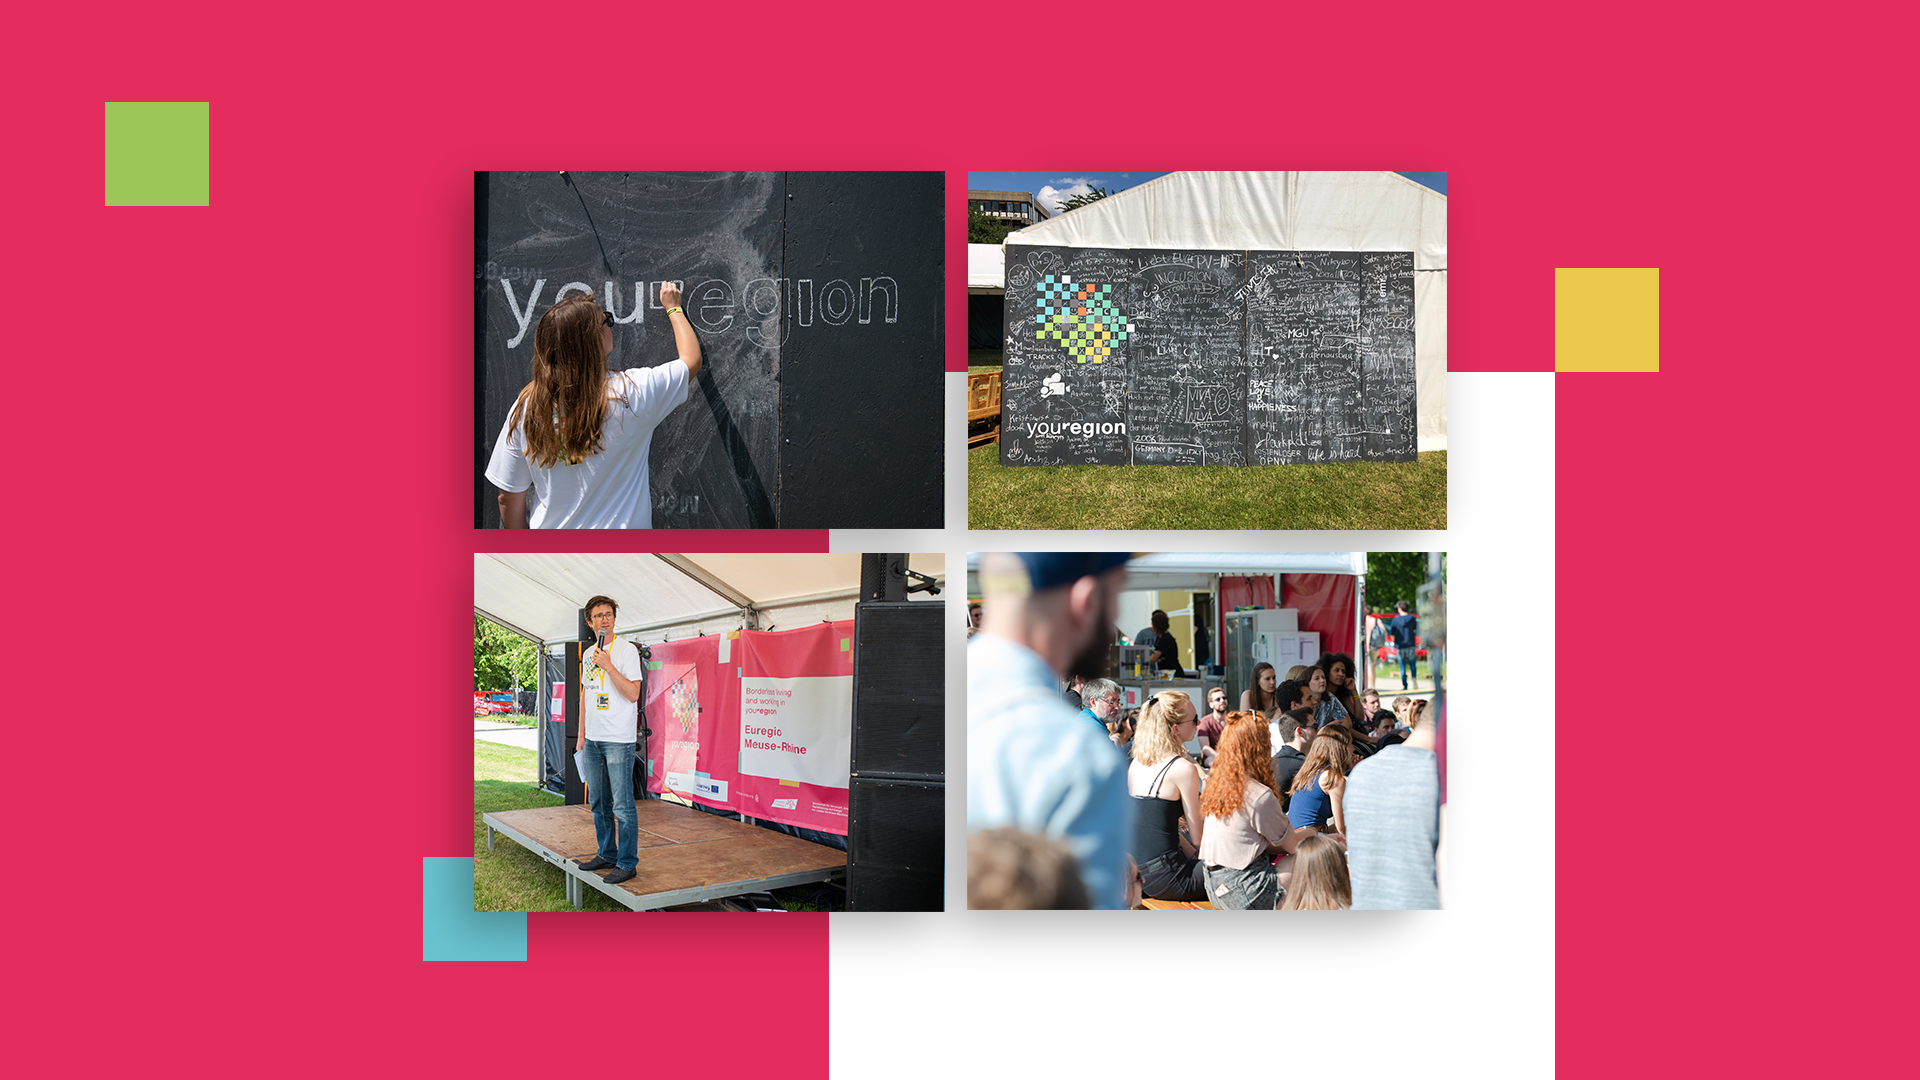 Bilder vom Interreg Euregio Maas-Rhein Projektes youRegion auf dem KIMIKO Isle of Campus Festival 2019.